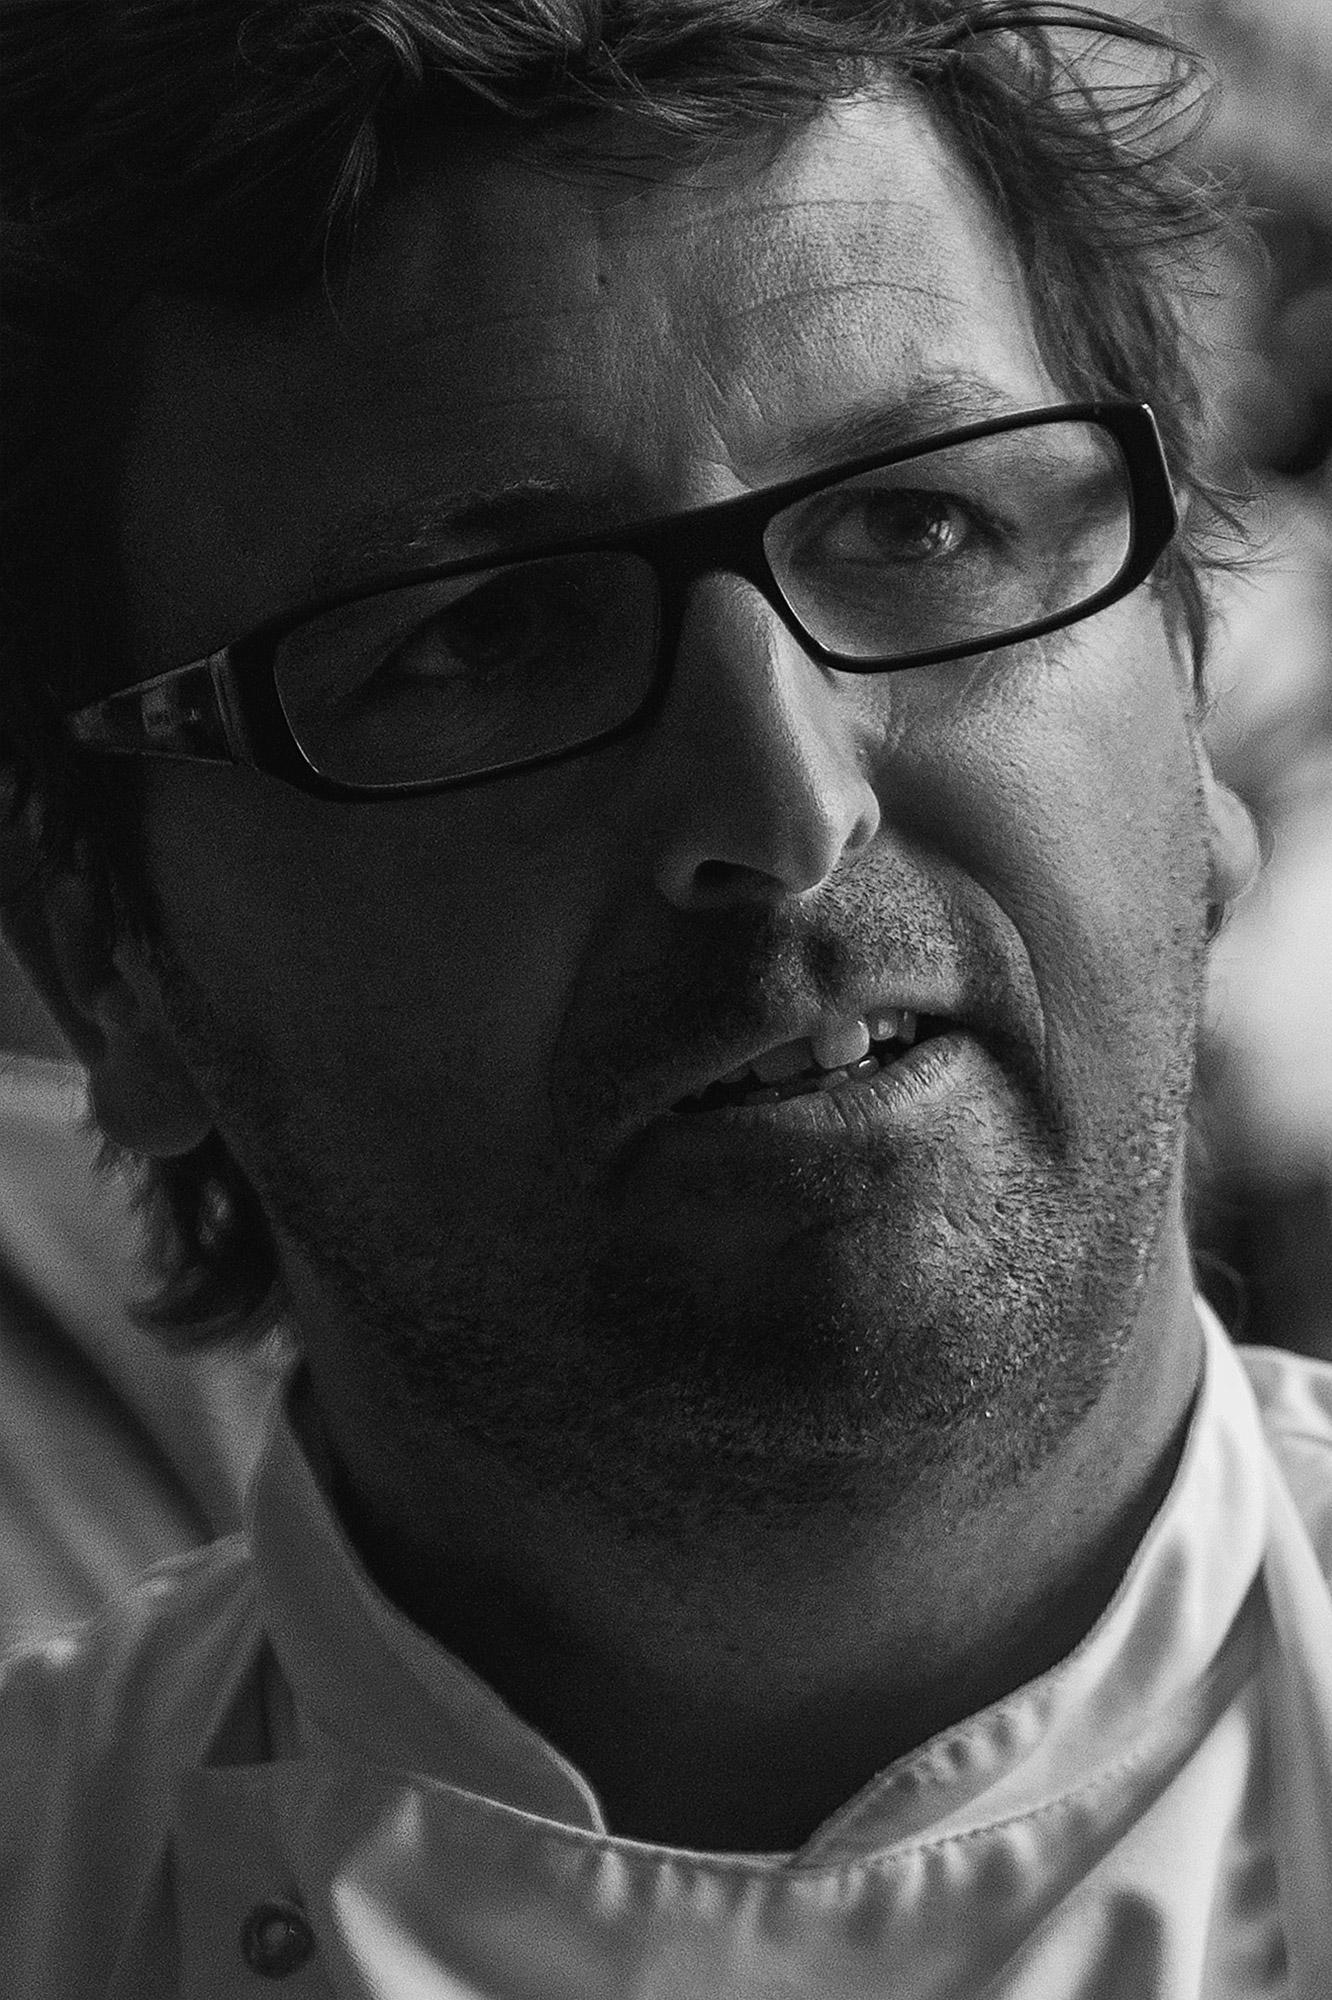 Chef & Author Mitch Tonks